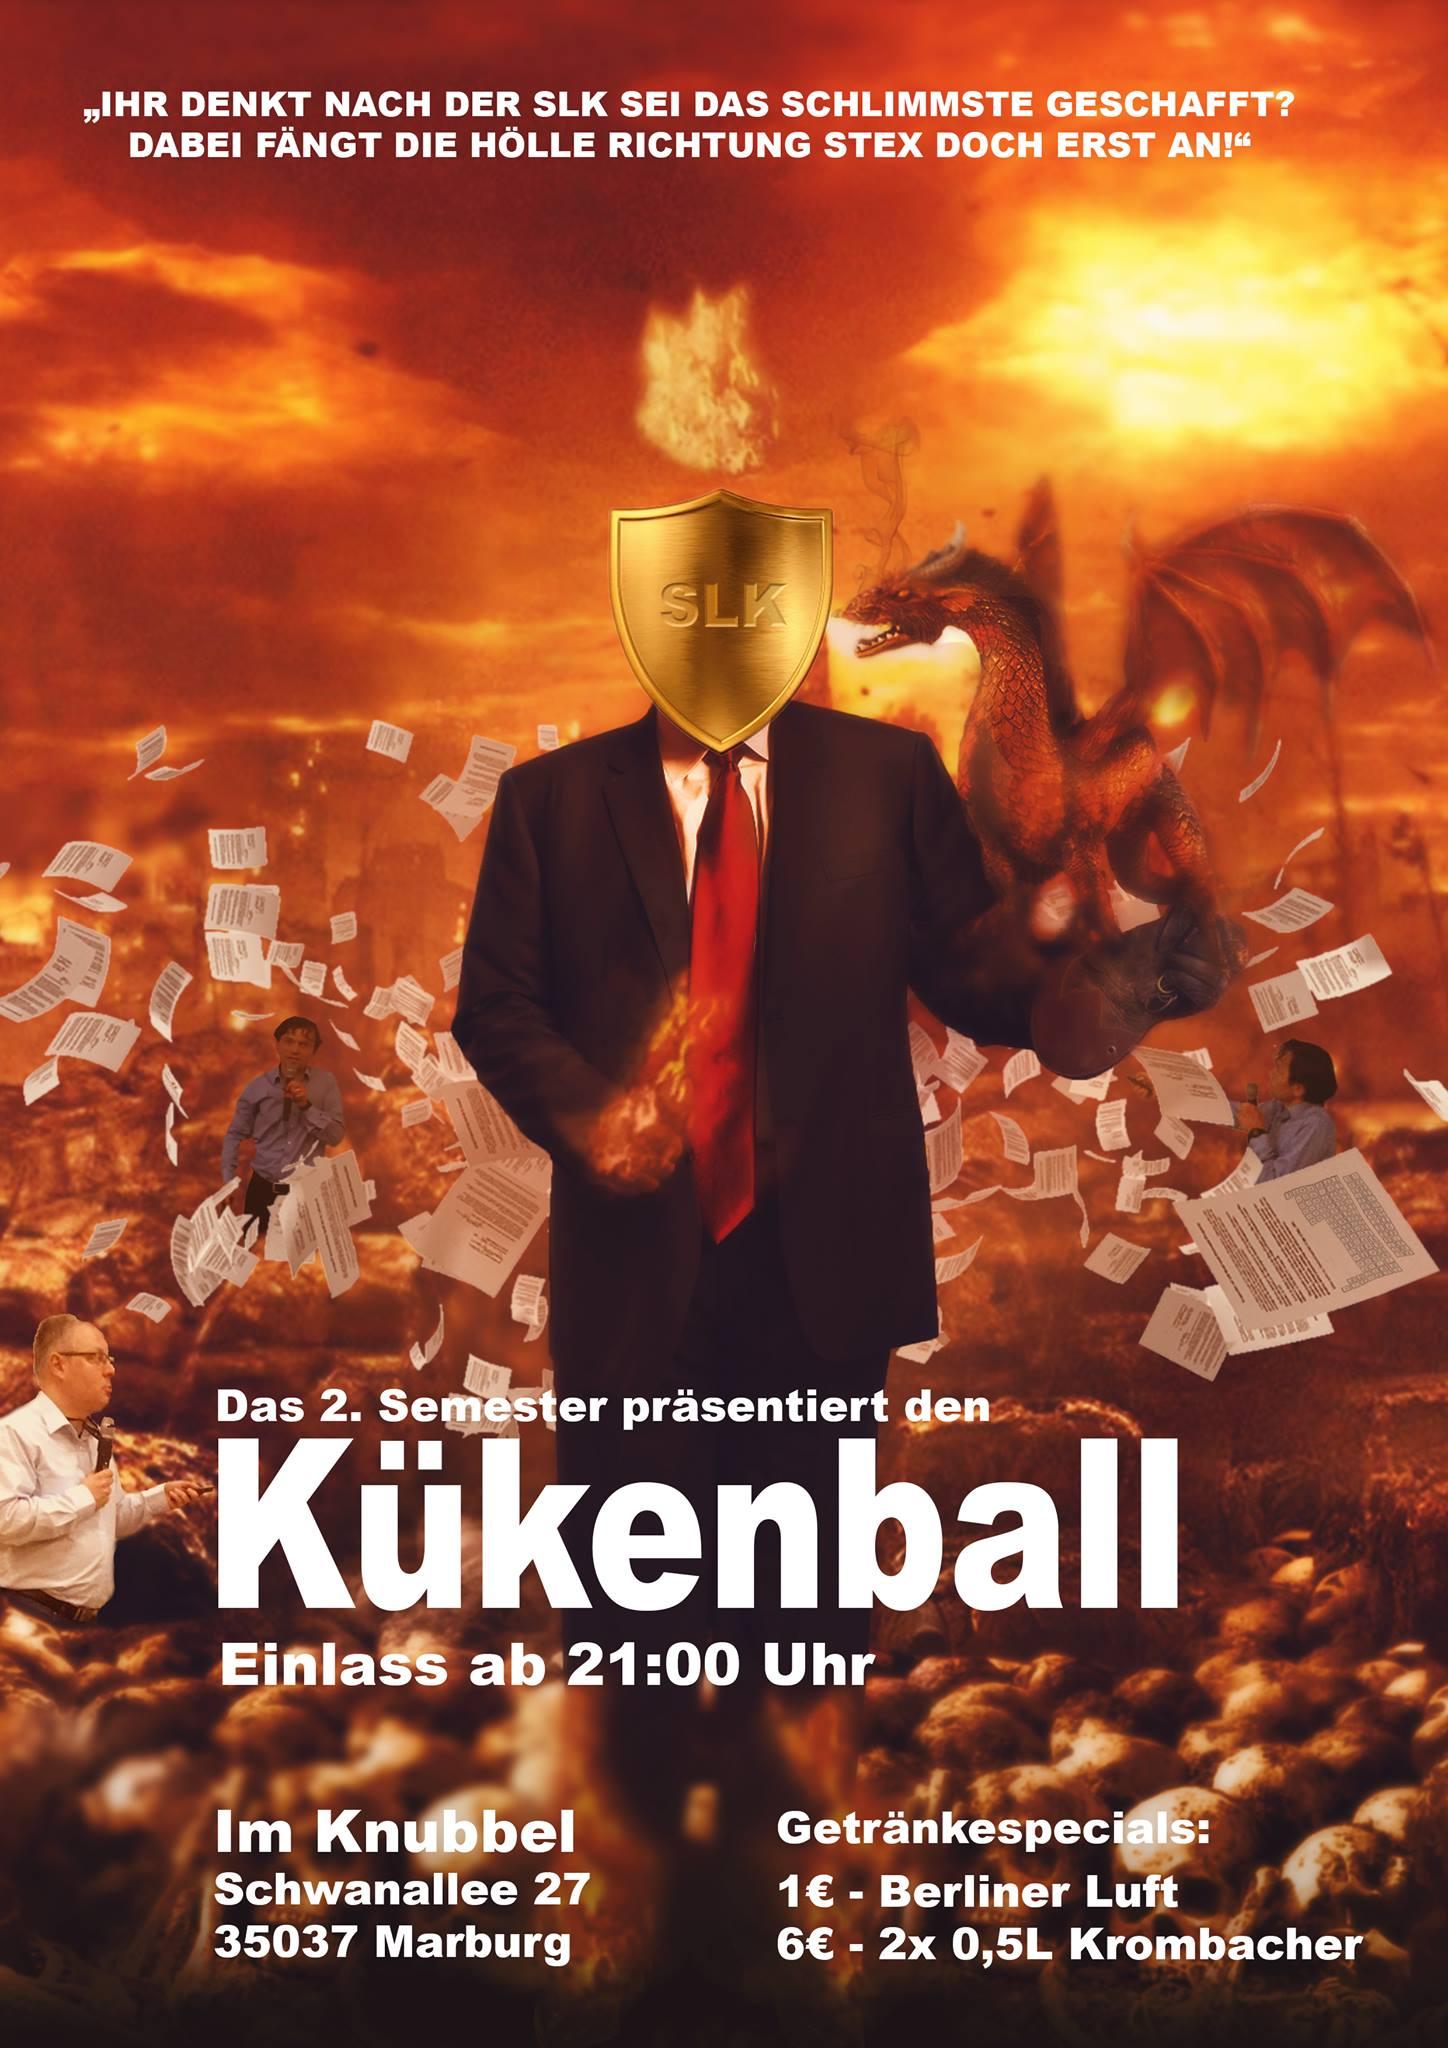 Kükenball des 1.Semesters @ Knubbel | Marburg | Hessen | Deutschland